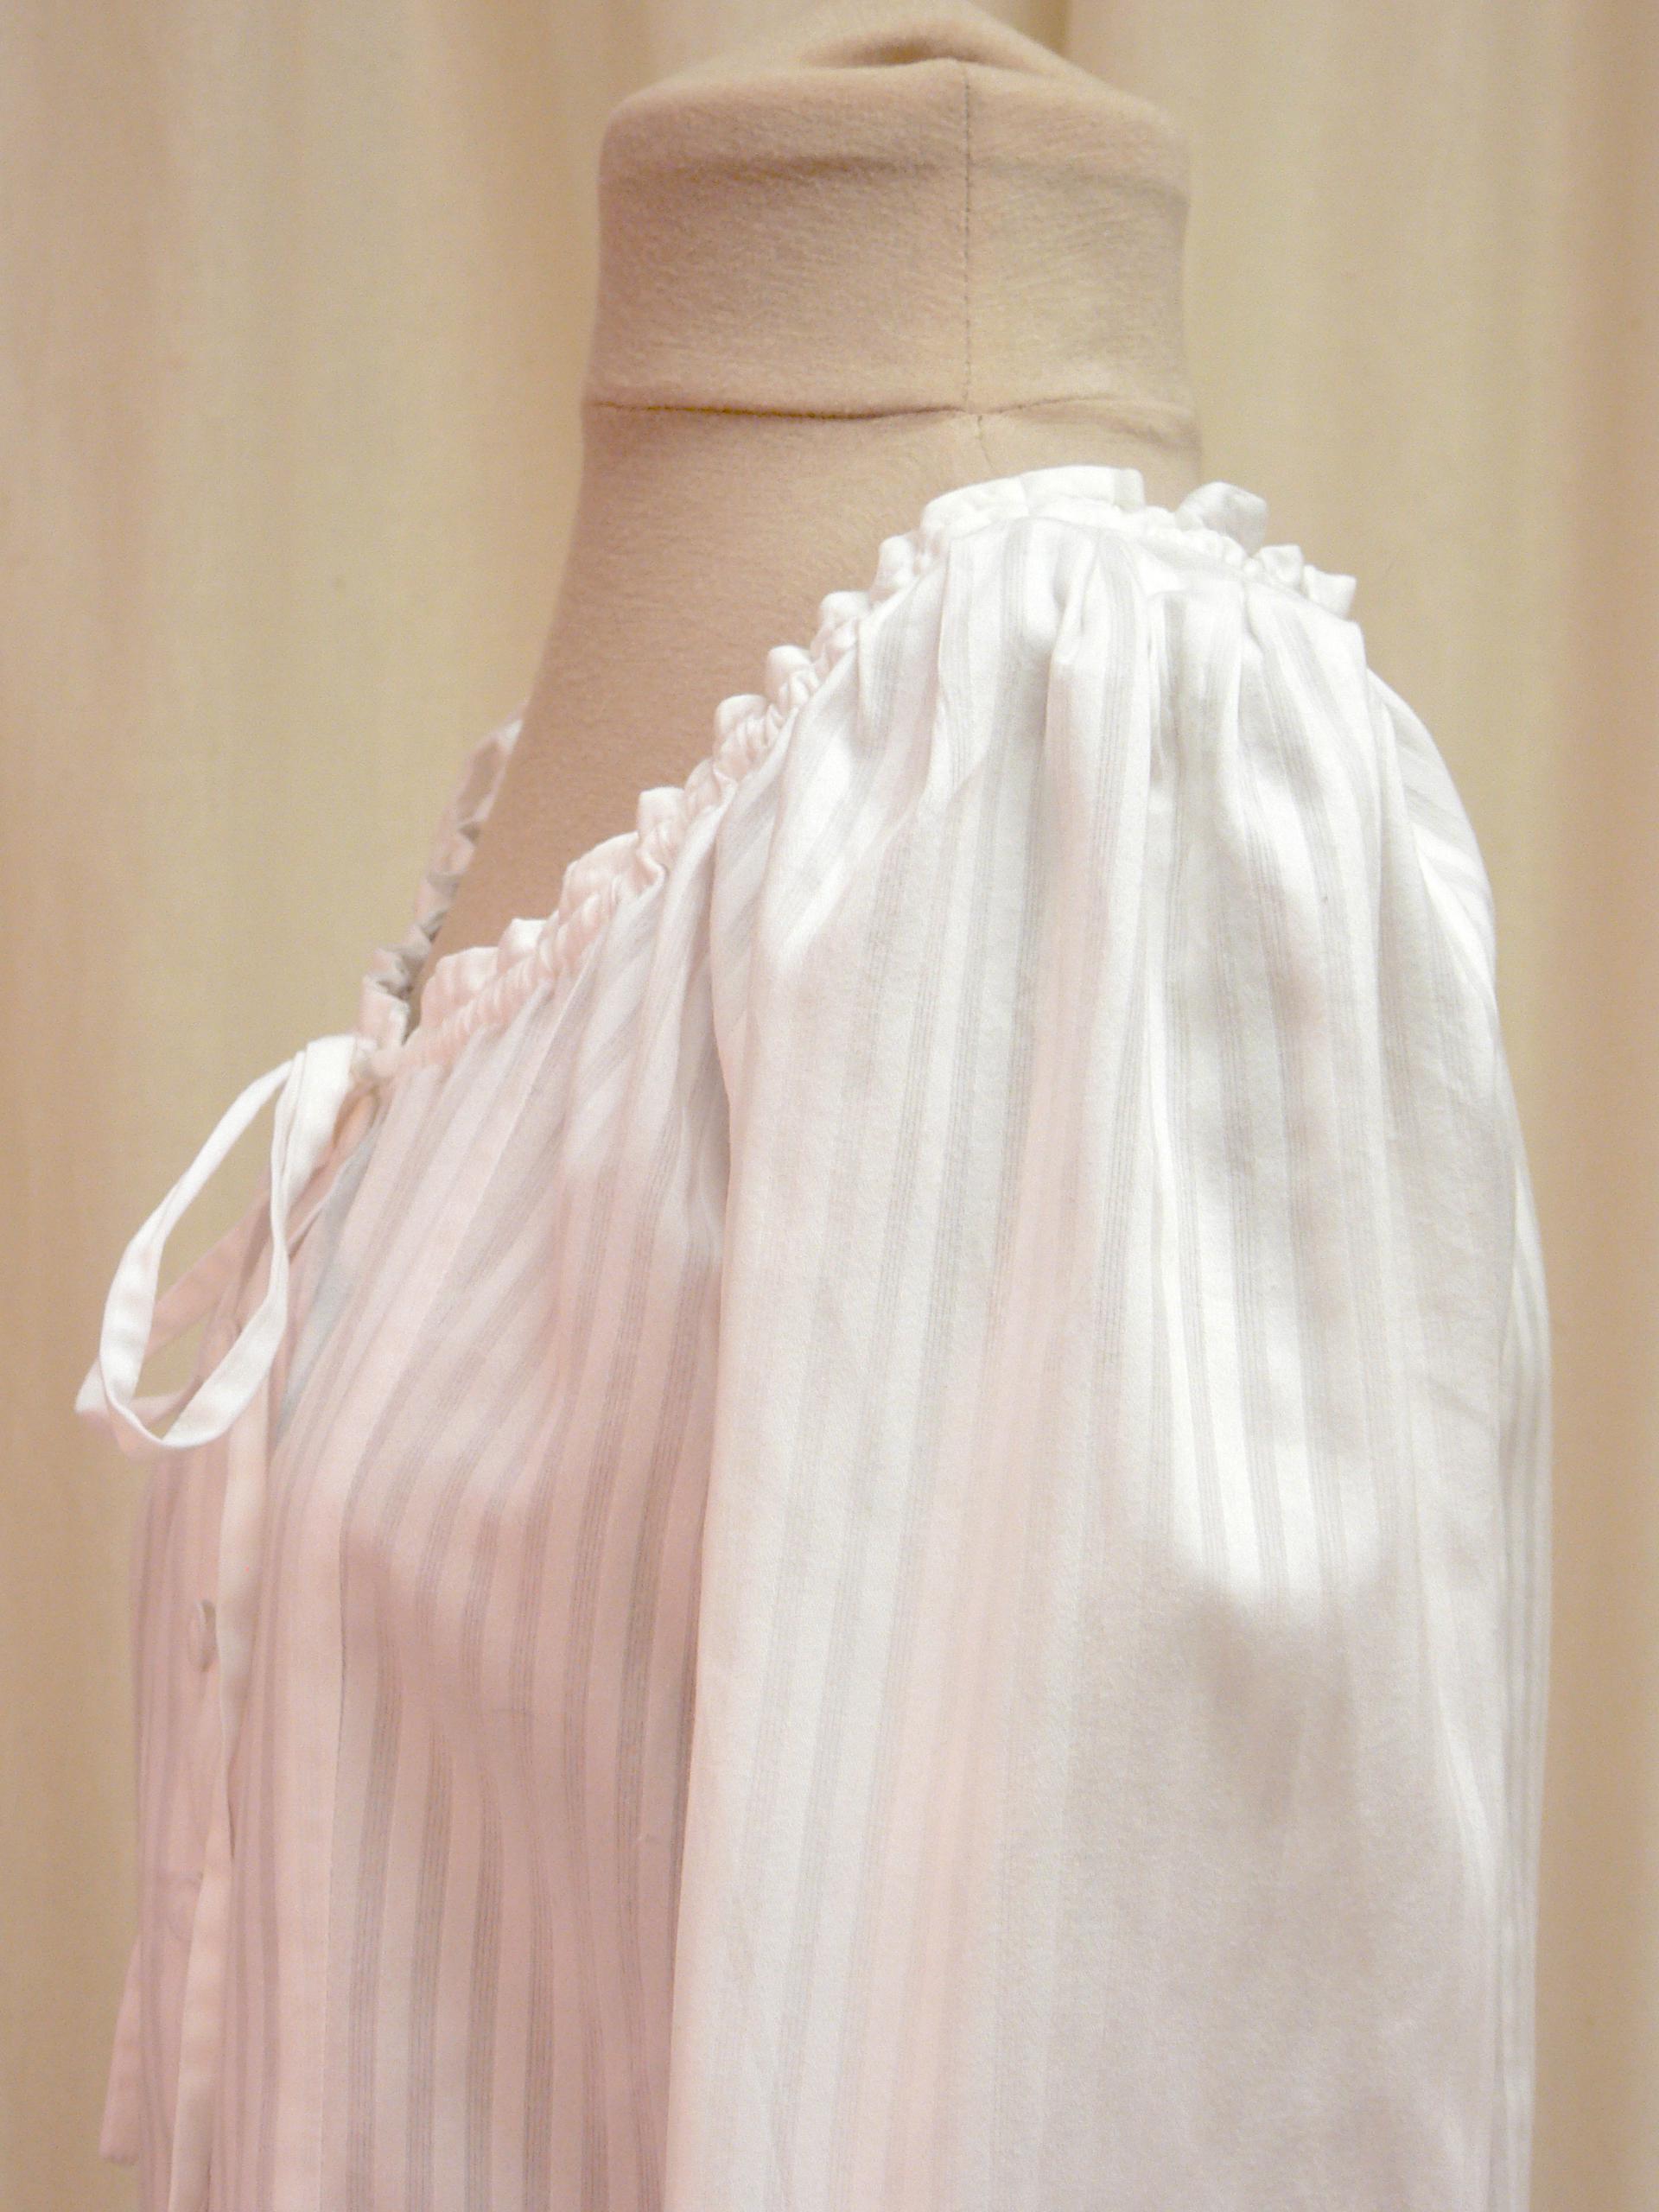 blouse07_side_detail2.jpg